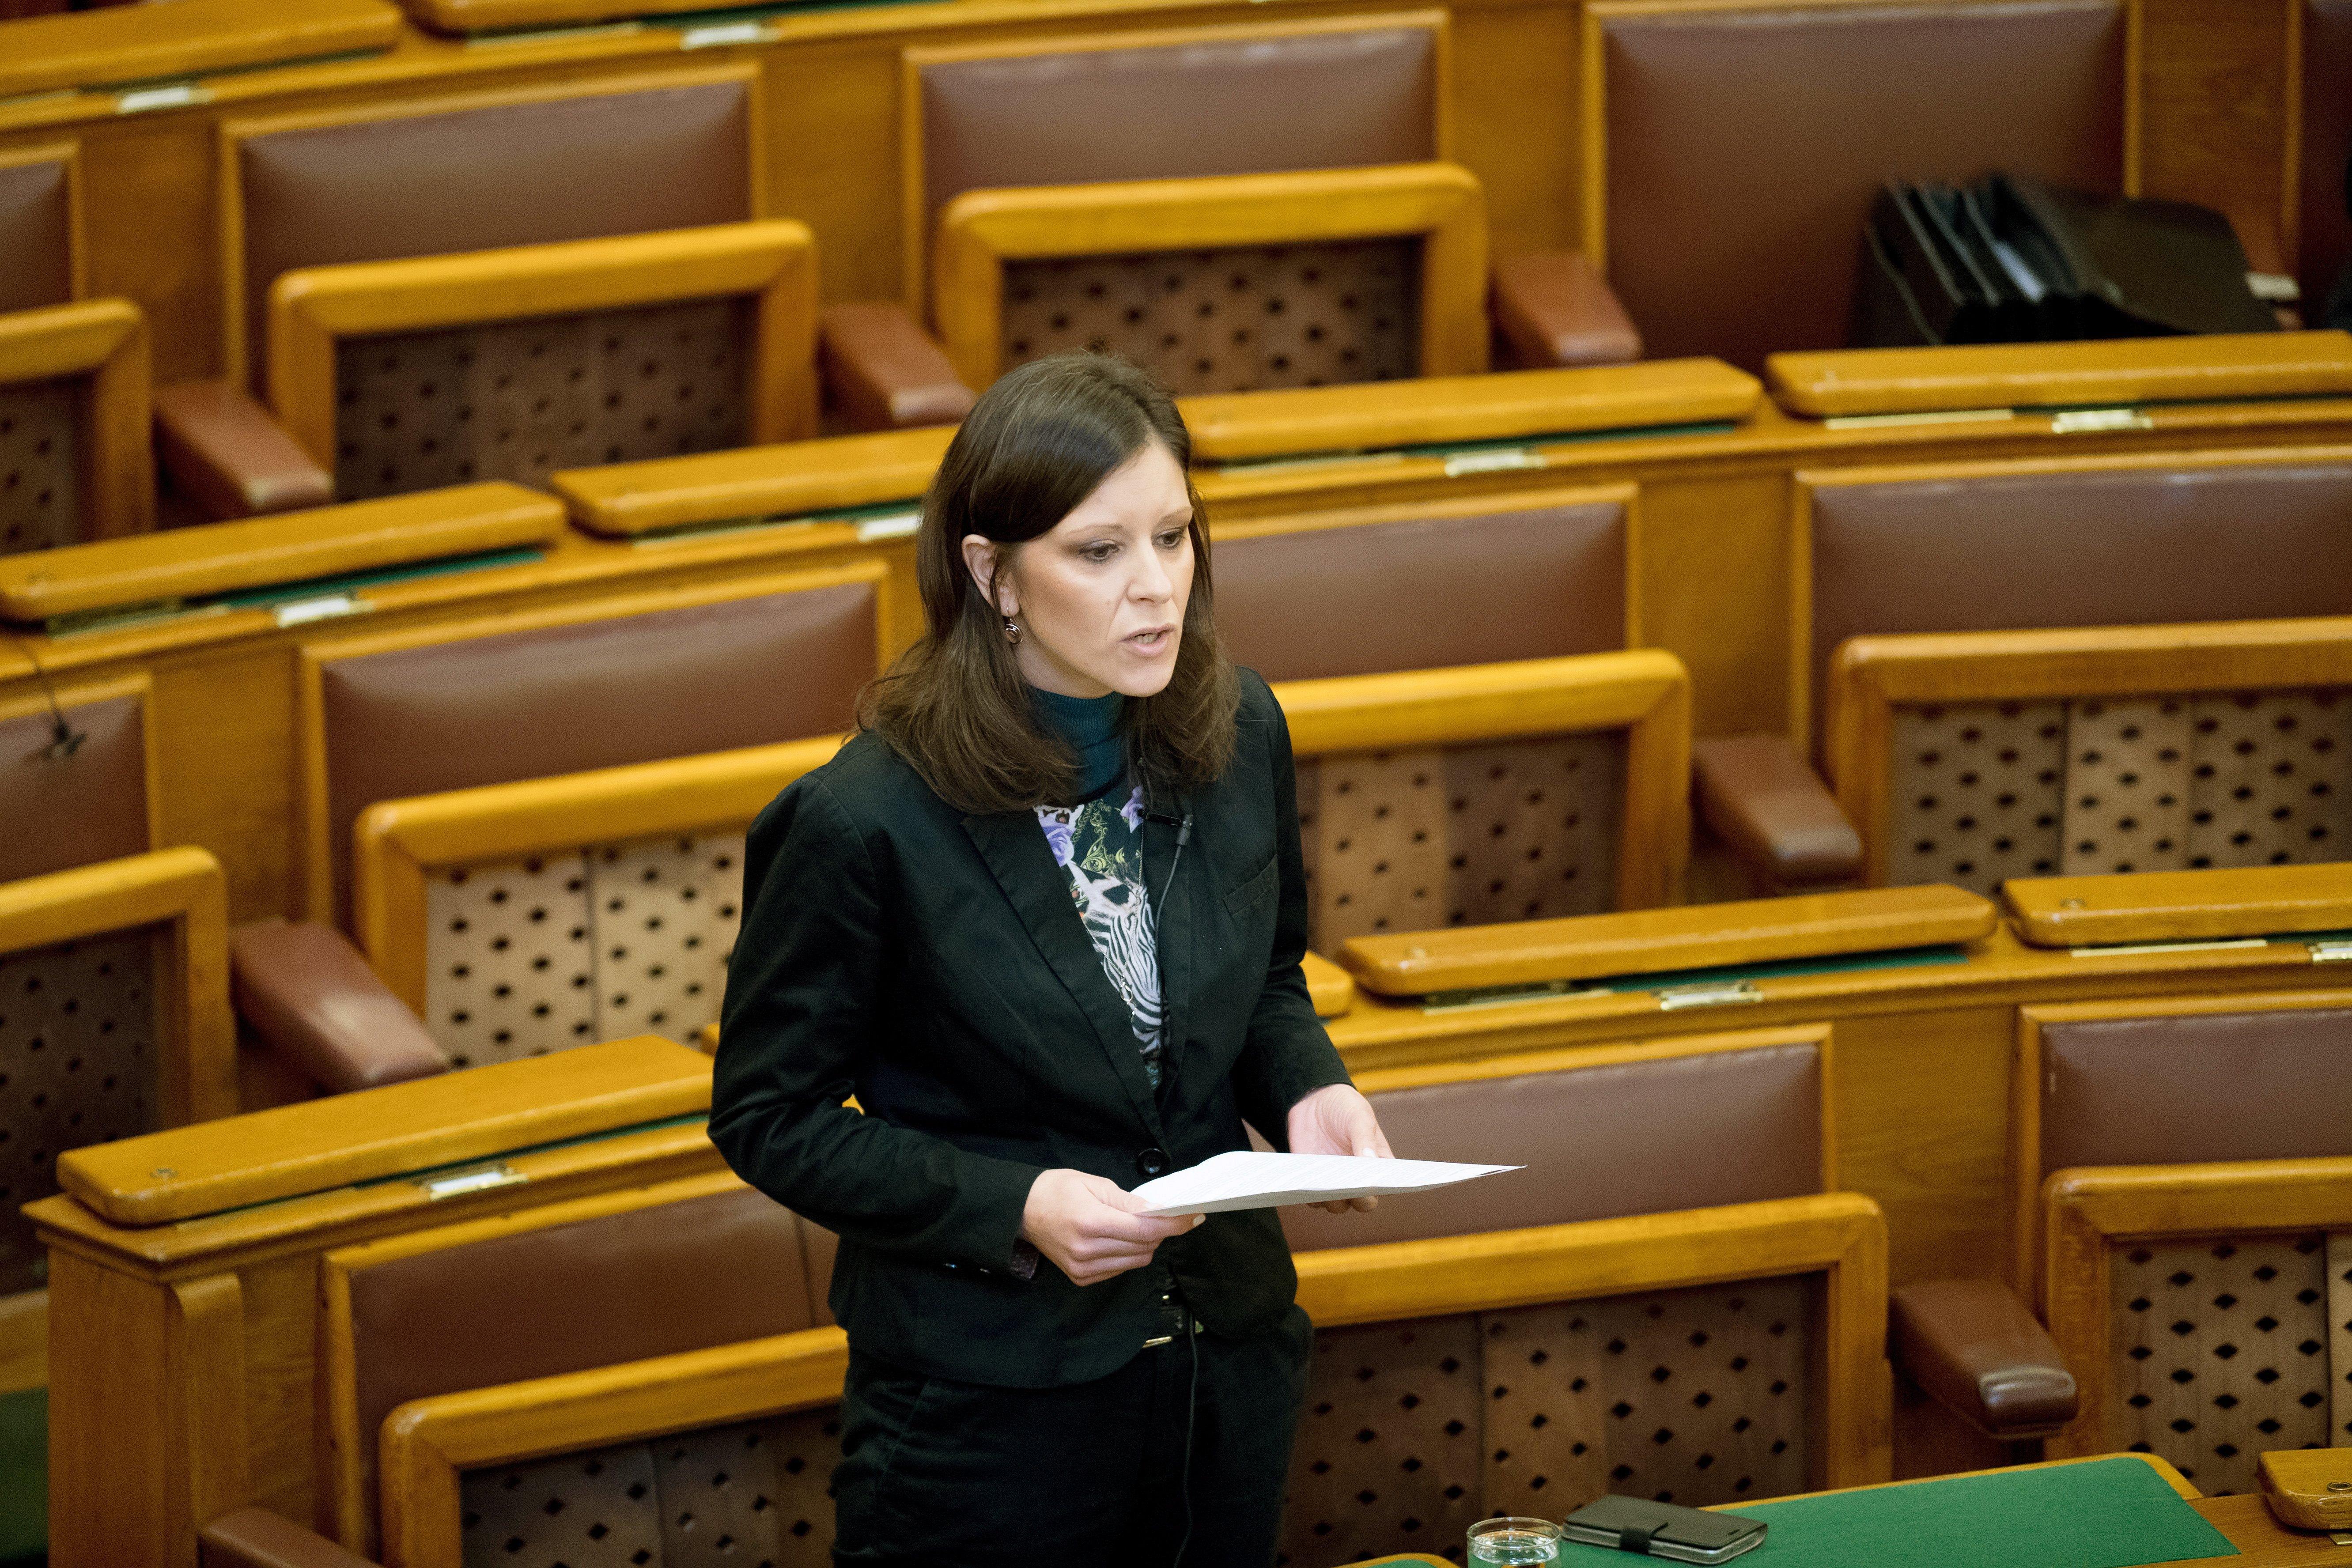 Szél Bernadett a civiltörvény parlamenti vitáján fel akarta mutatni a CÖKA teljesen üres beszámolóját, de a levezető elnök nem engedte, mert ez tiltott szemléltetés